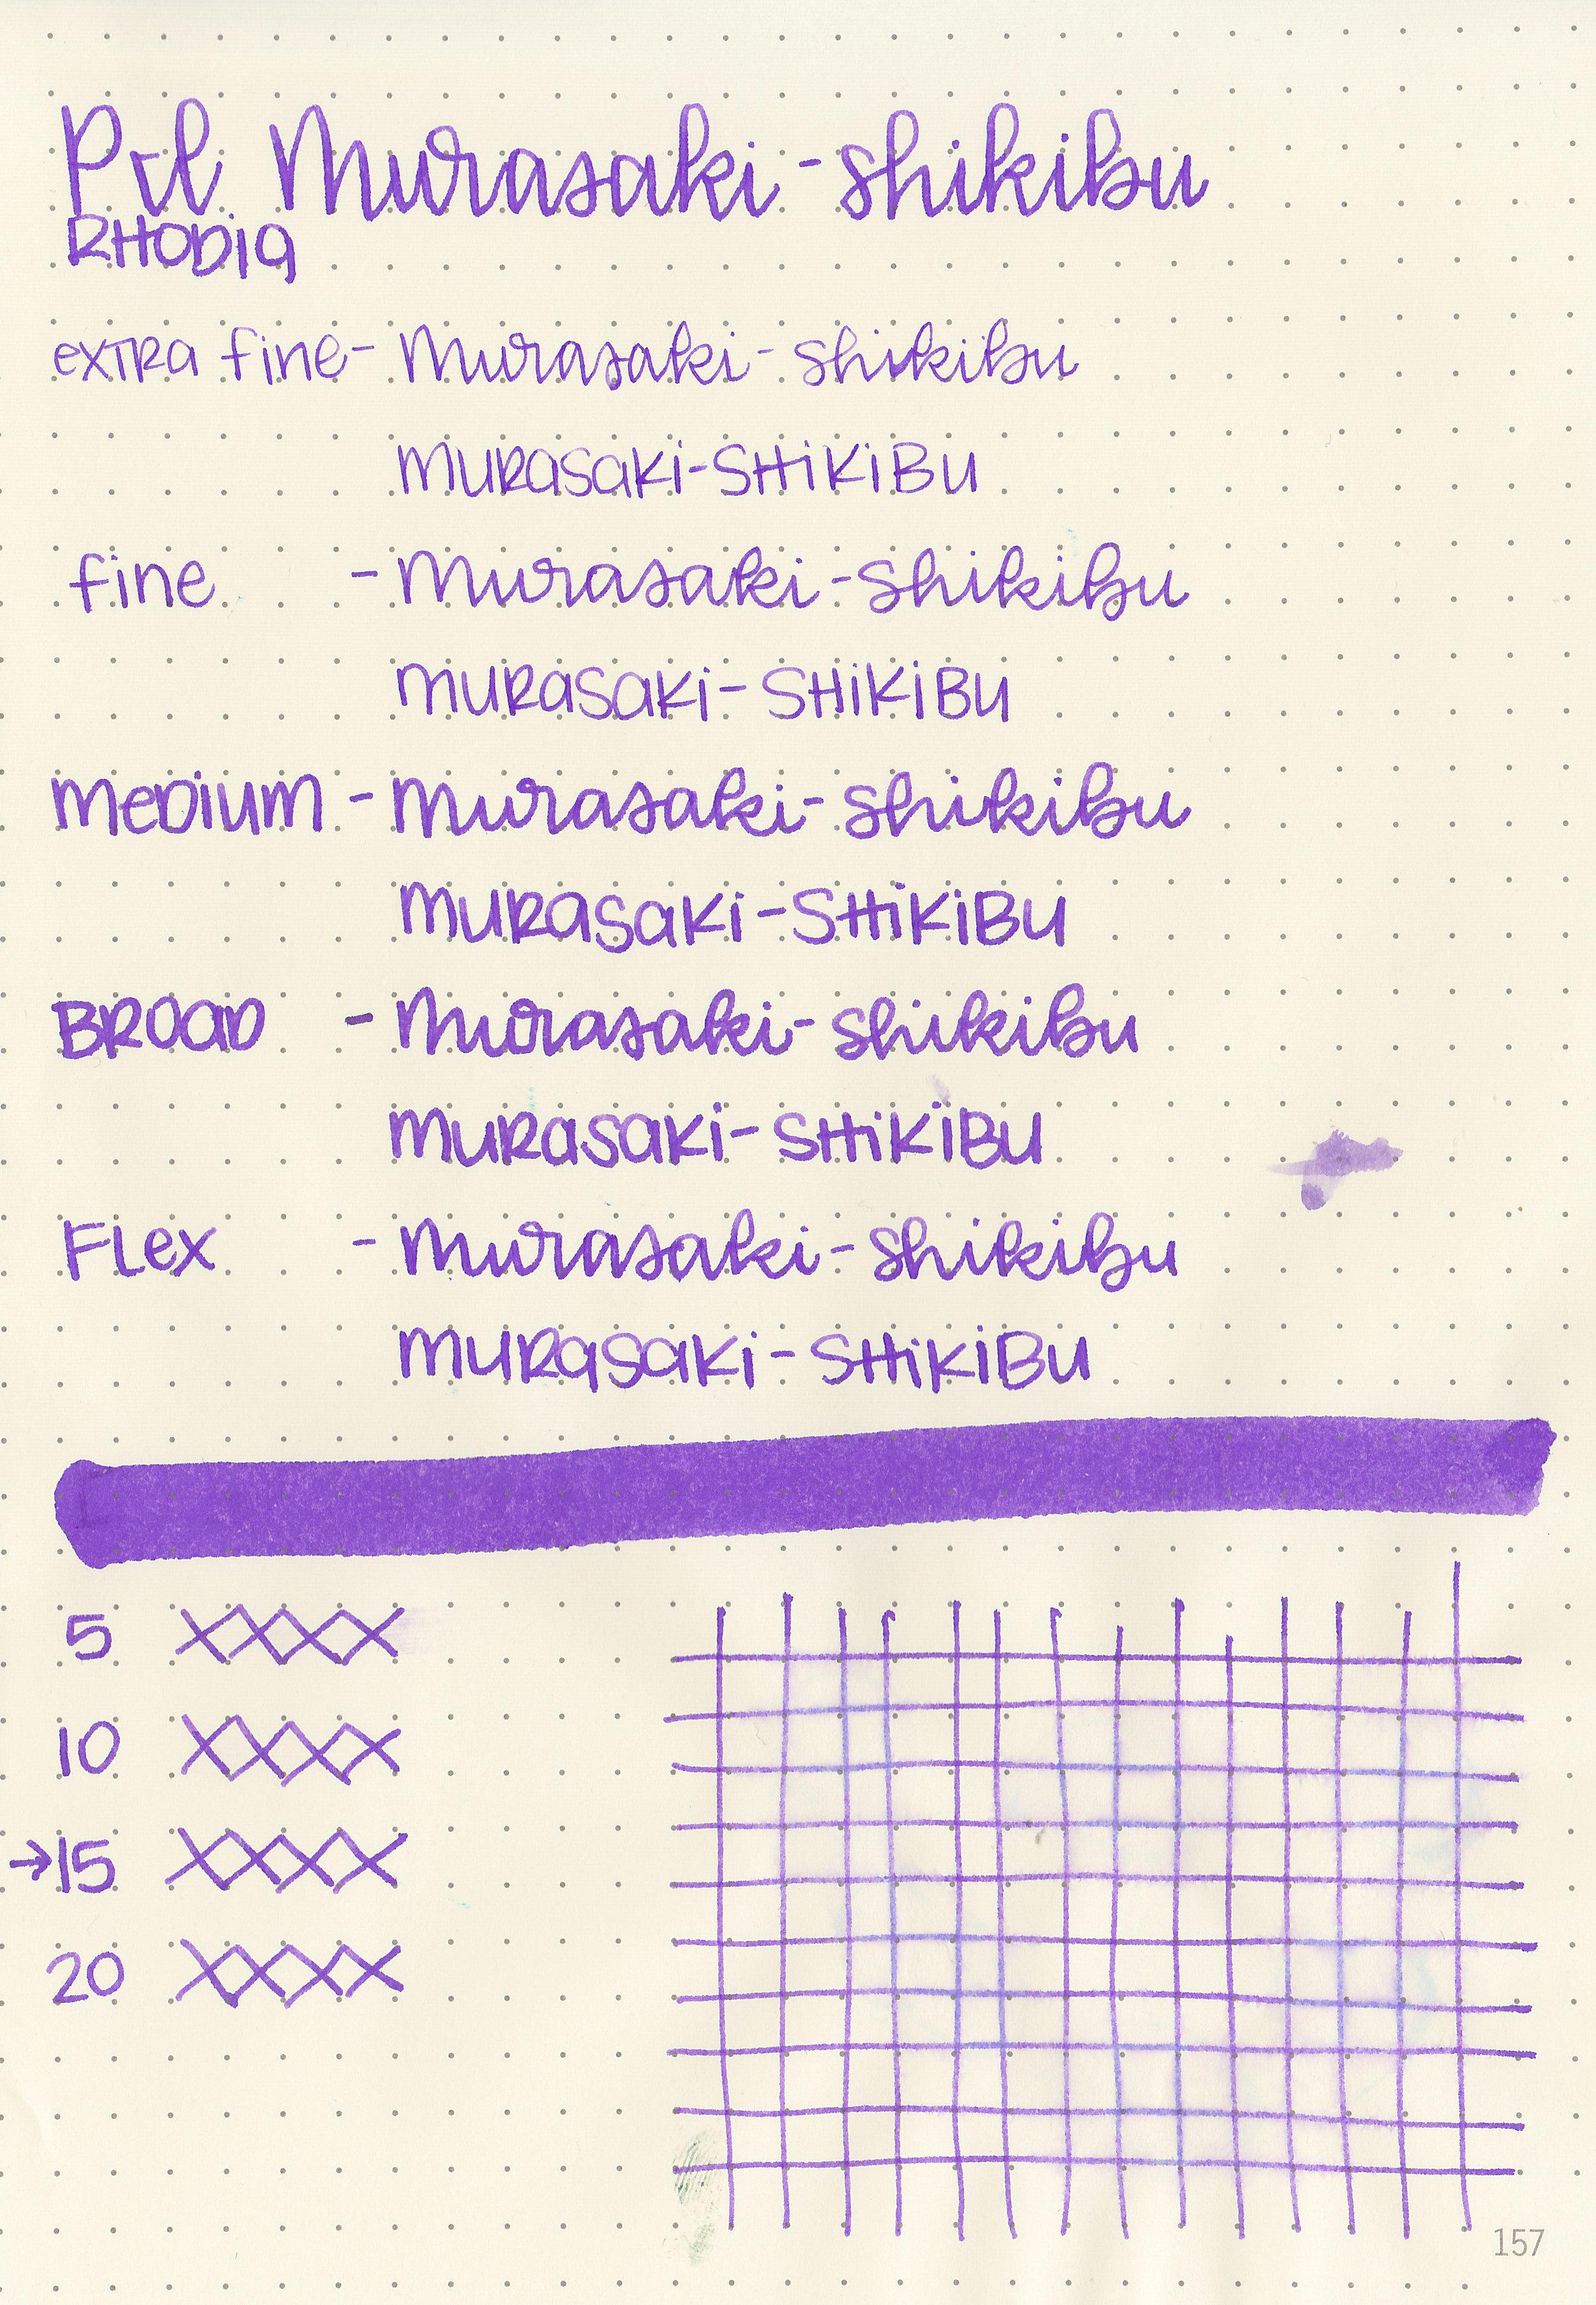 pi-murasaki-shikibu-5.jpg